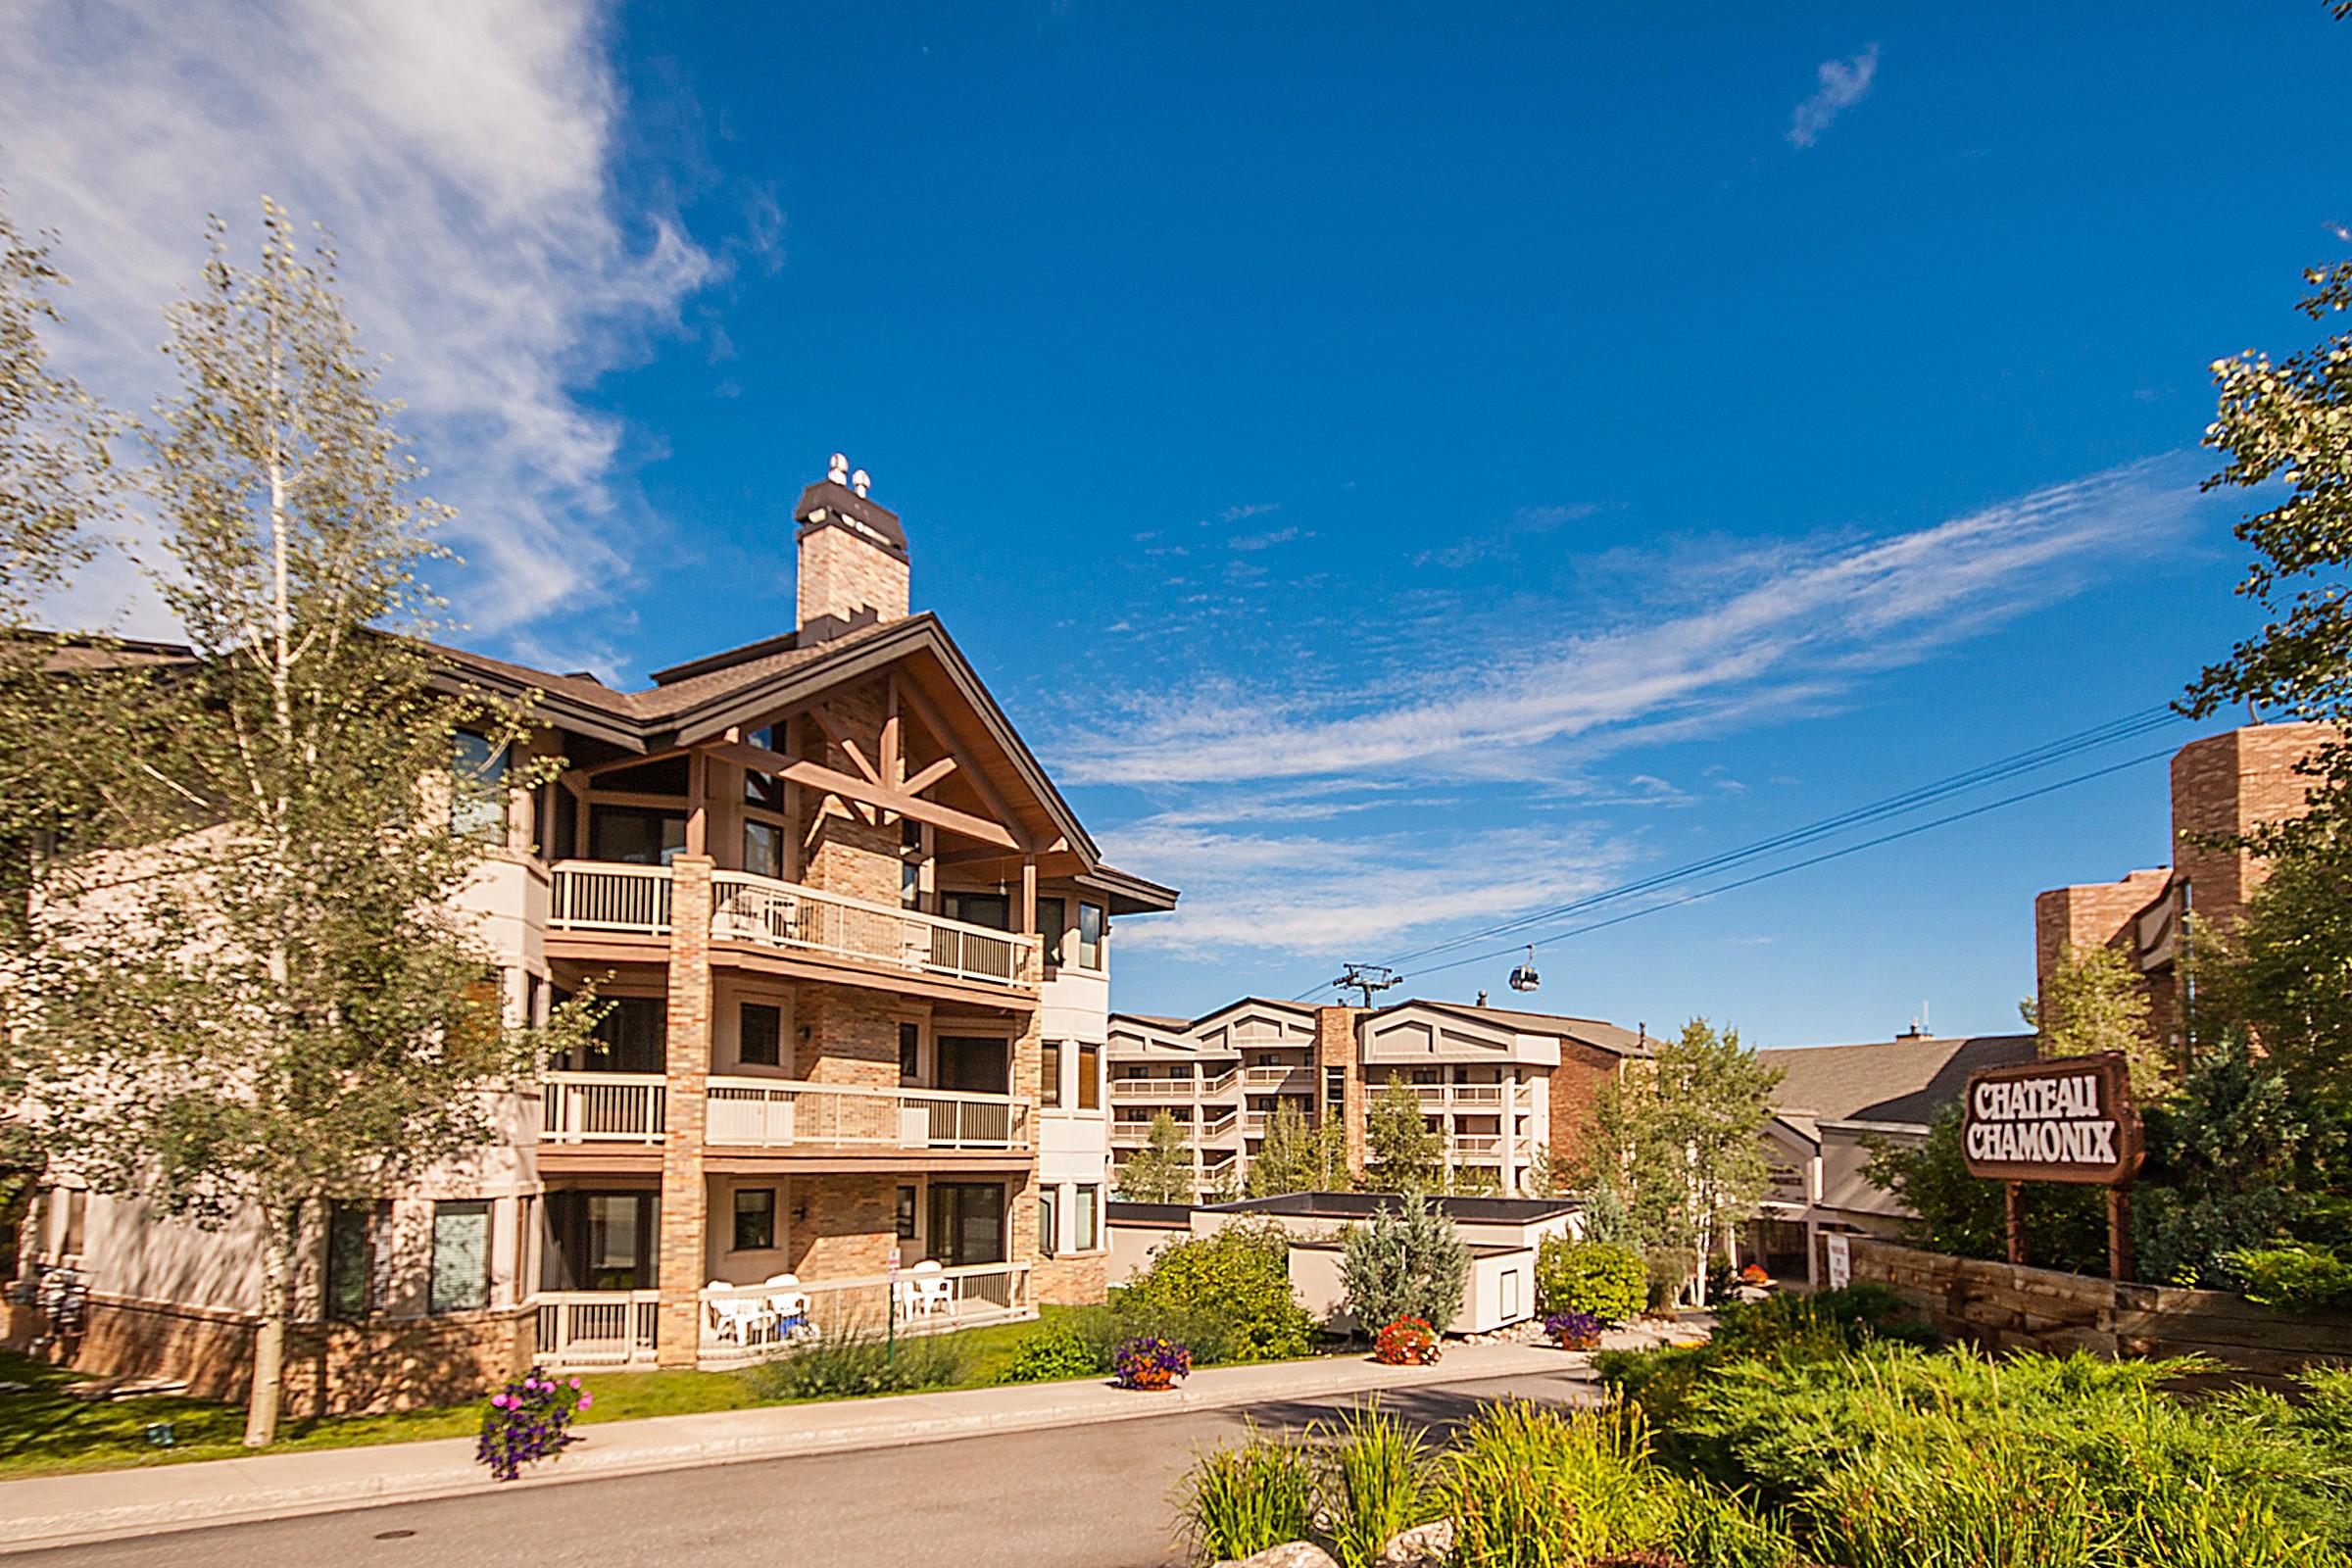 Condominium for Sale at Chateau Chamoni Condo #321C 2340 Apres Ski Way #321C Steamboat Springs, Colorado, 80487 United States